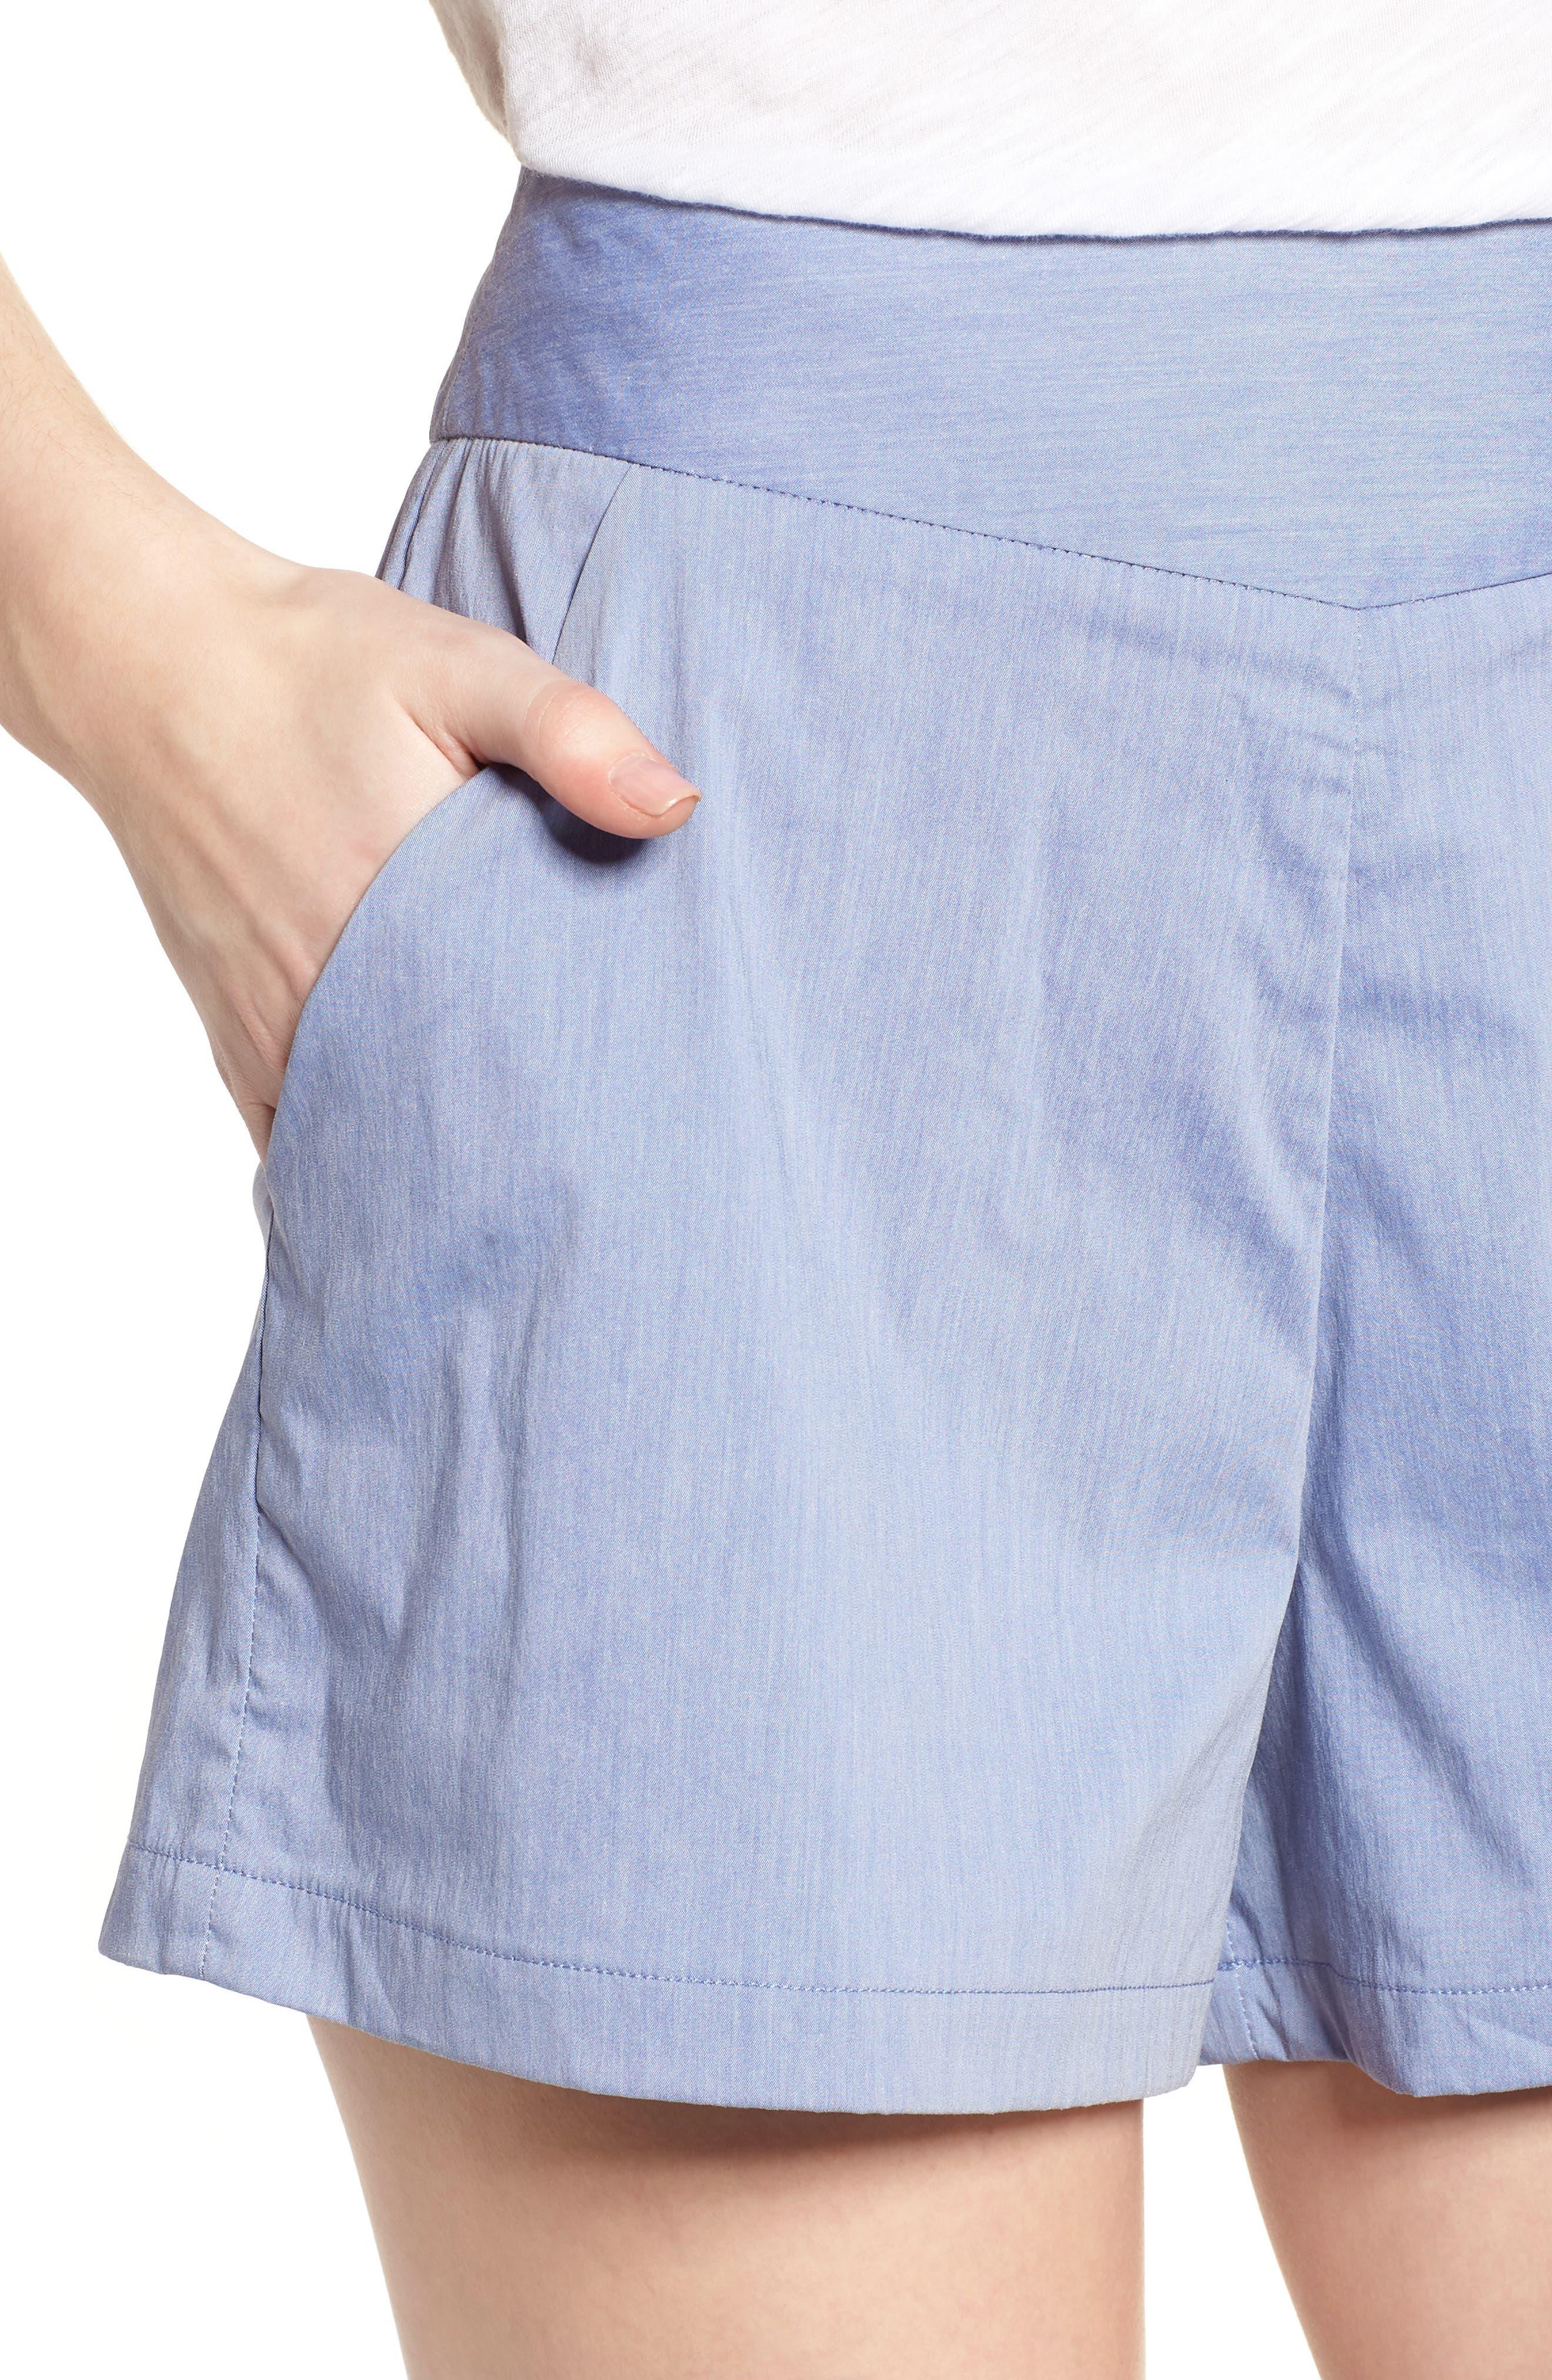 Bishop + Young Ana Pocket Shorts,                             Alternate thumbnail 4, color,                             Blue